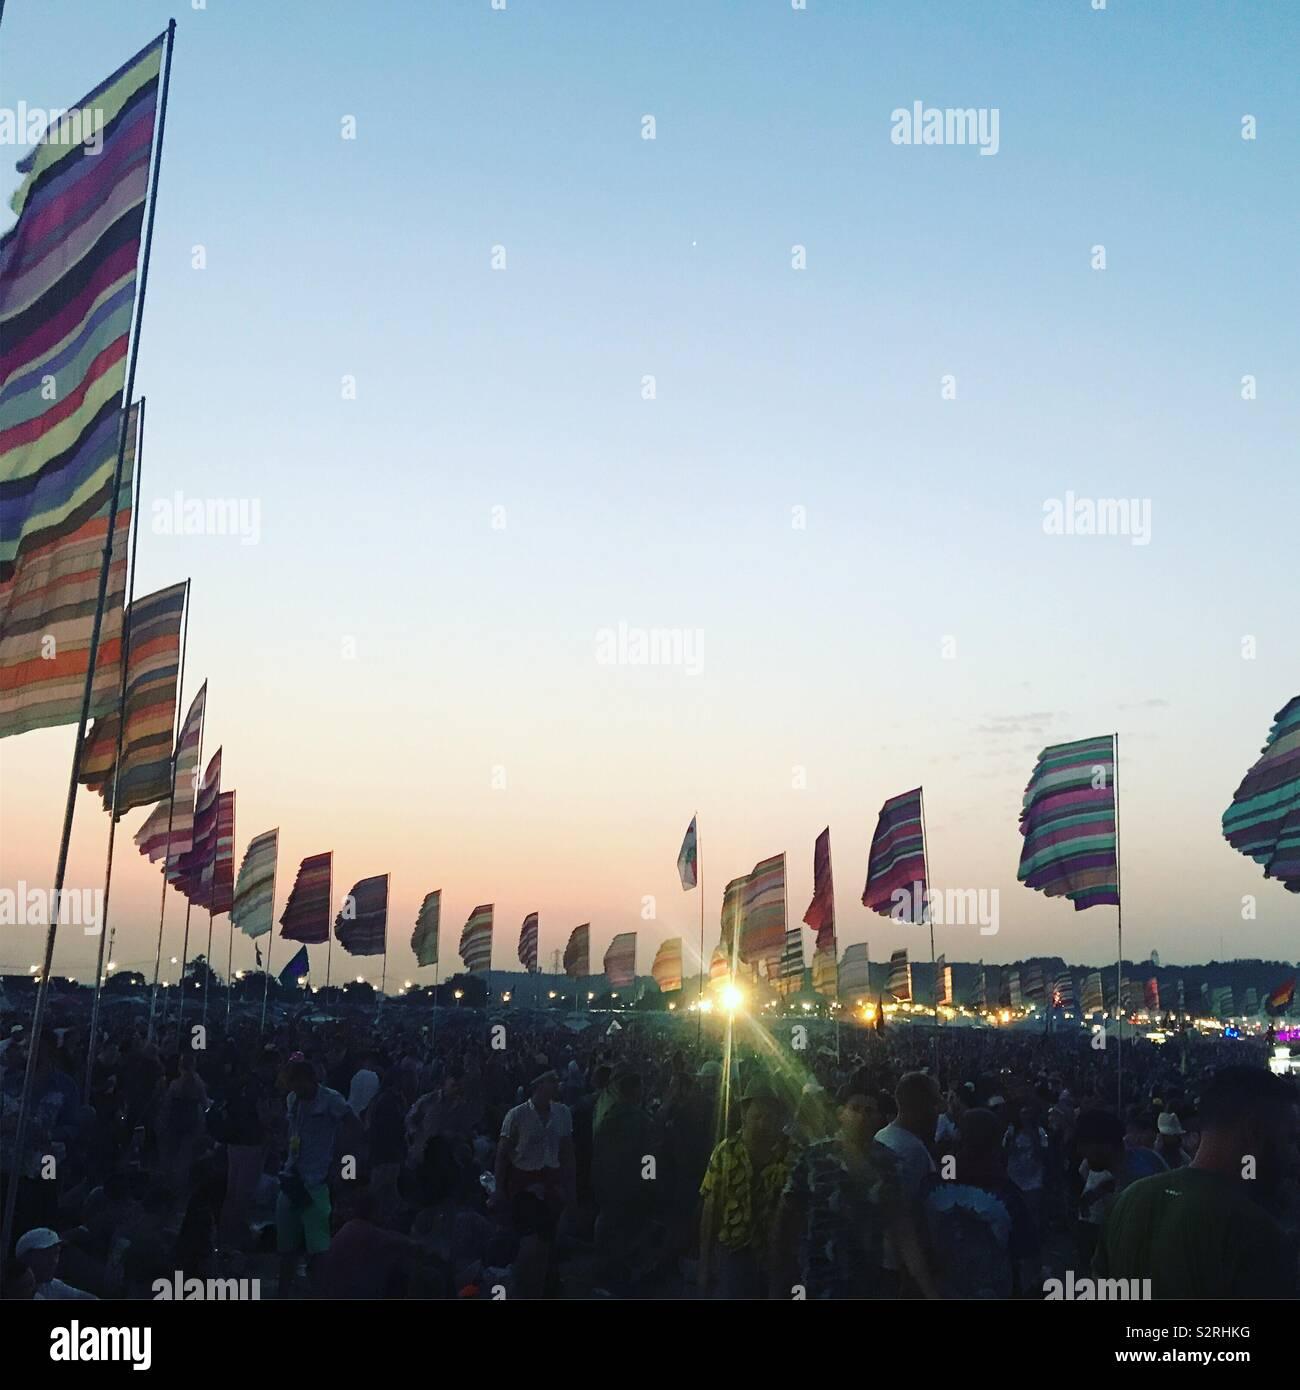 Tramonto all'altra fase, Glastonbury festival 2019 Foto Stock